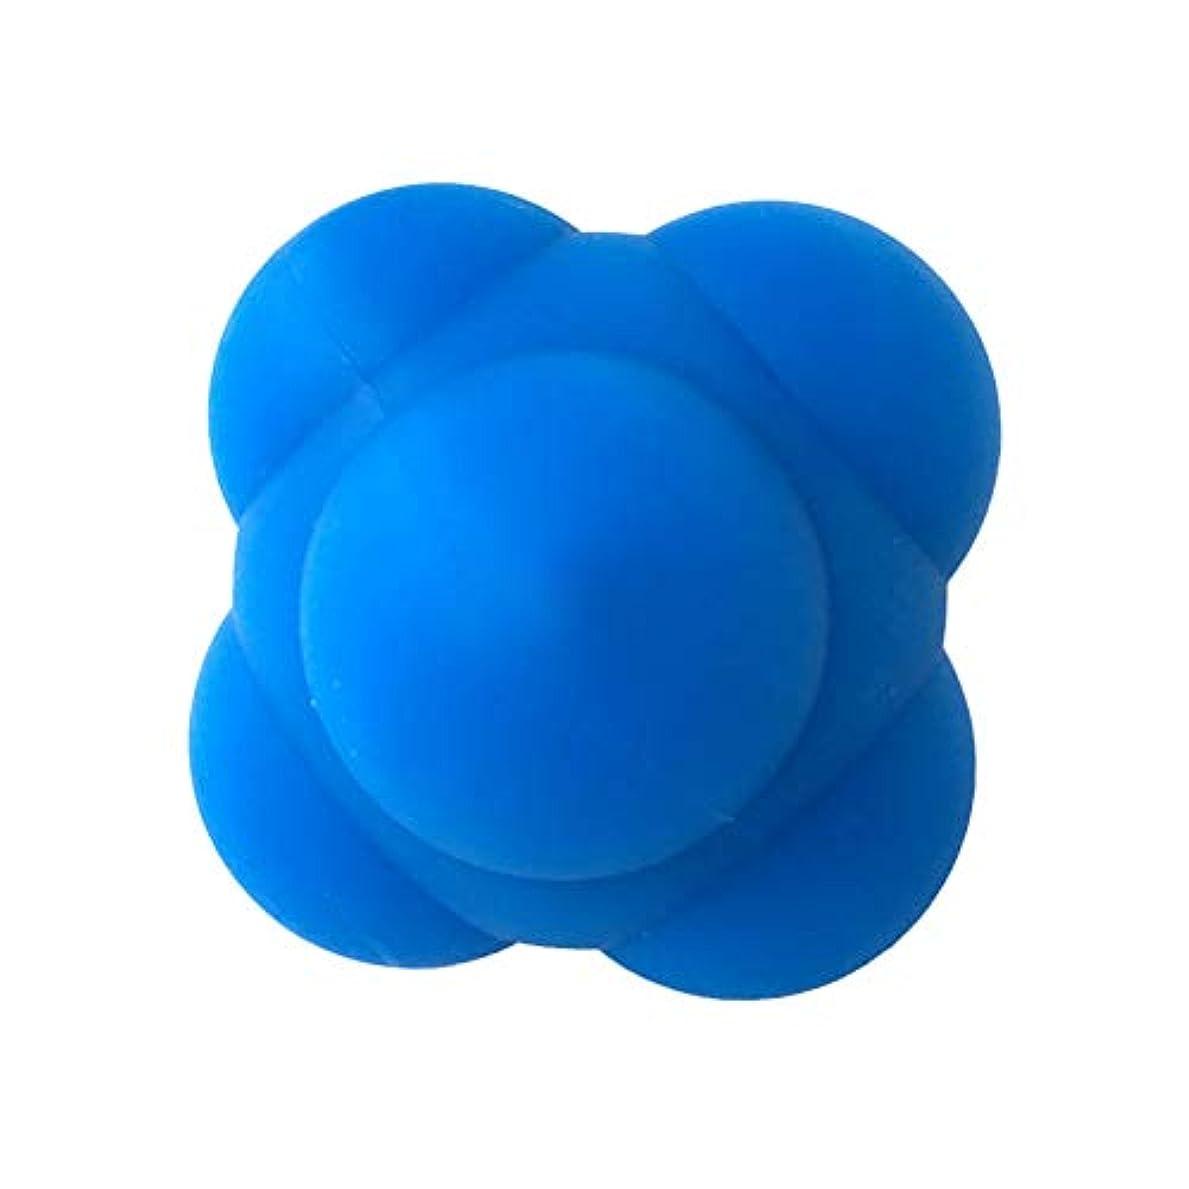 とんでもないプロットラベルHealifty 体の管理ボールスポーツシリコン六角形のボールソリッドフィットネストレーニングエクササイズリアクションボール素早さと敏捷性トレーニングボール6cm(青)